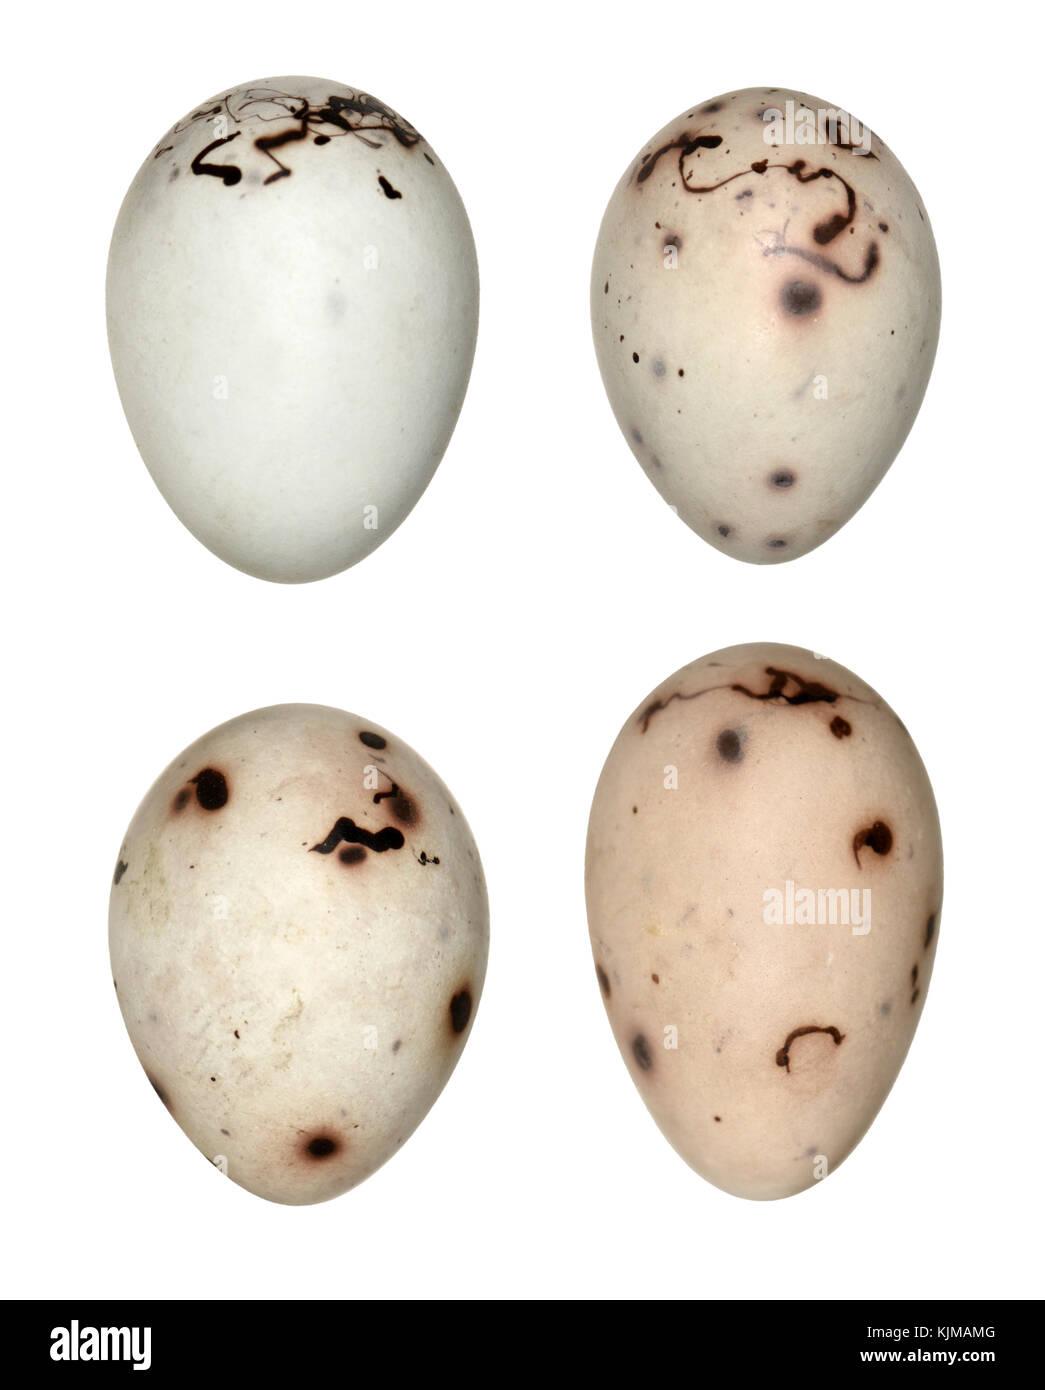 Chaffinch - Fringilla coelebs - Stock Image